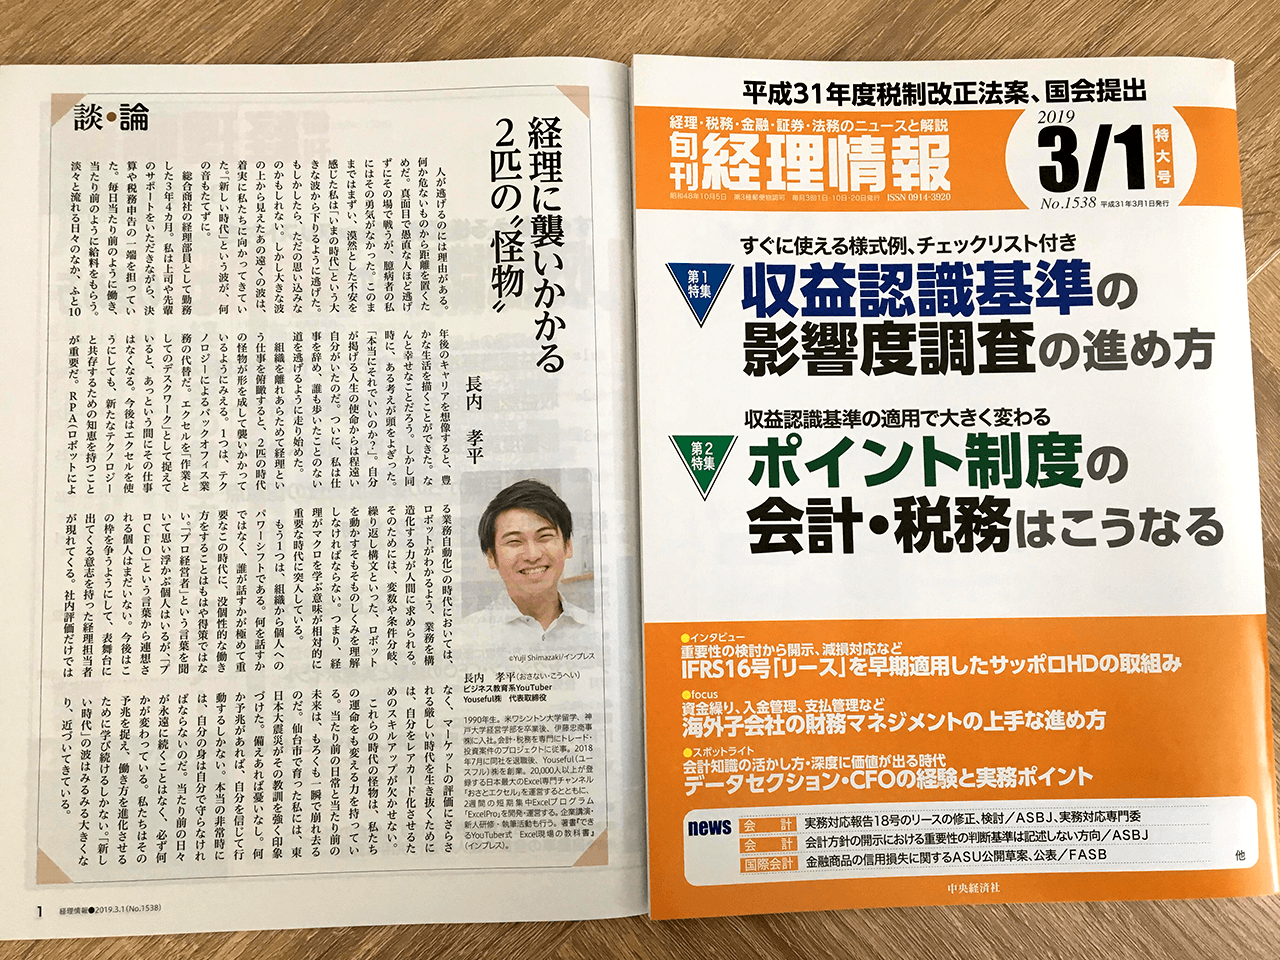 中央経済社「旬刊経理情報」巻頭言